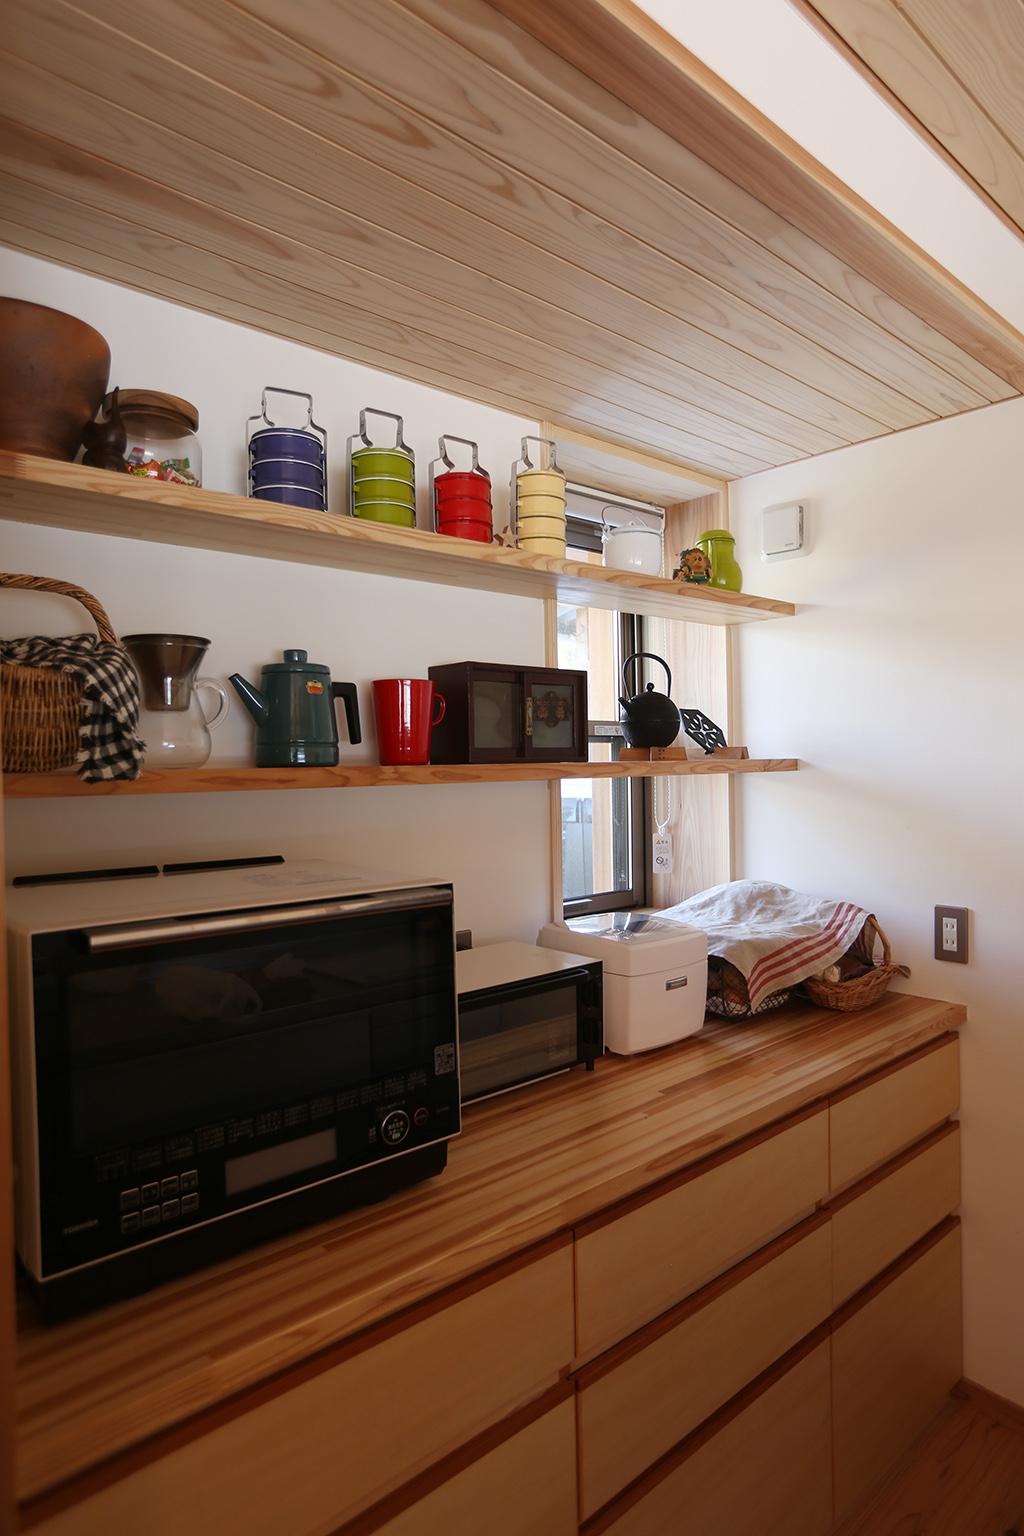 姫路市の木の家 オリジナルのキッチン背面収納